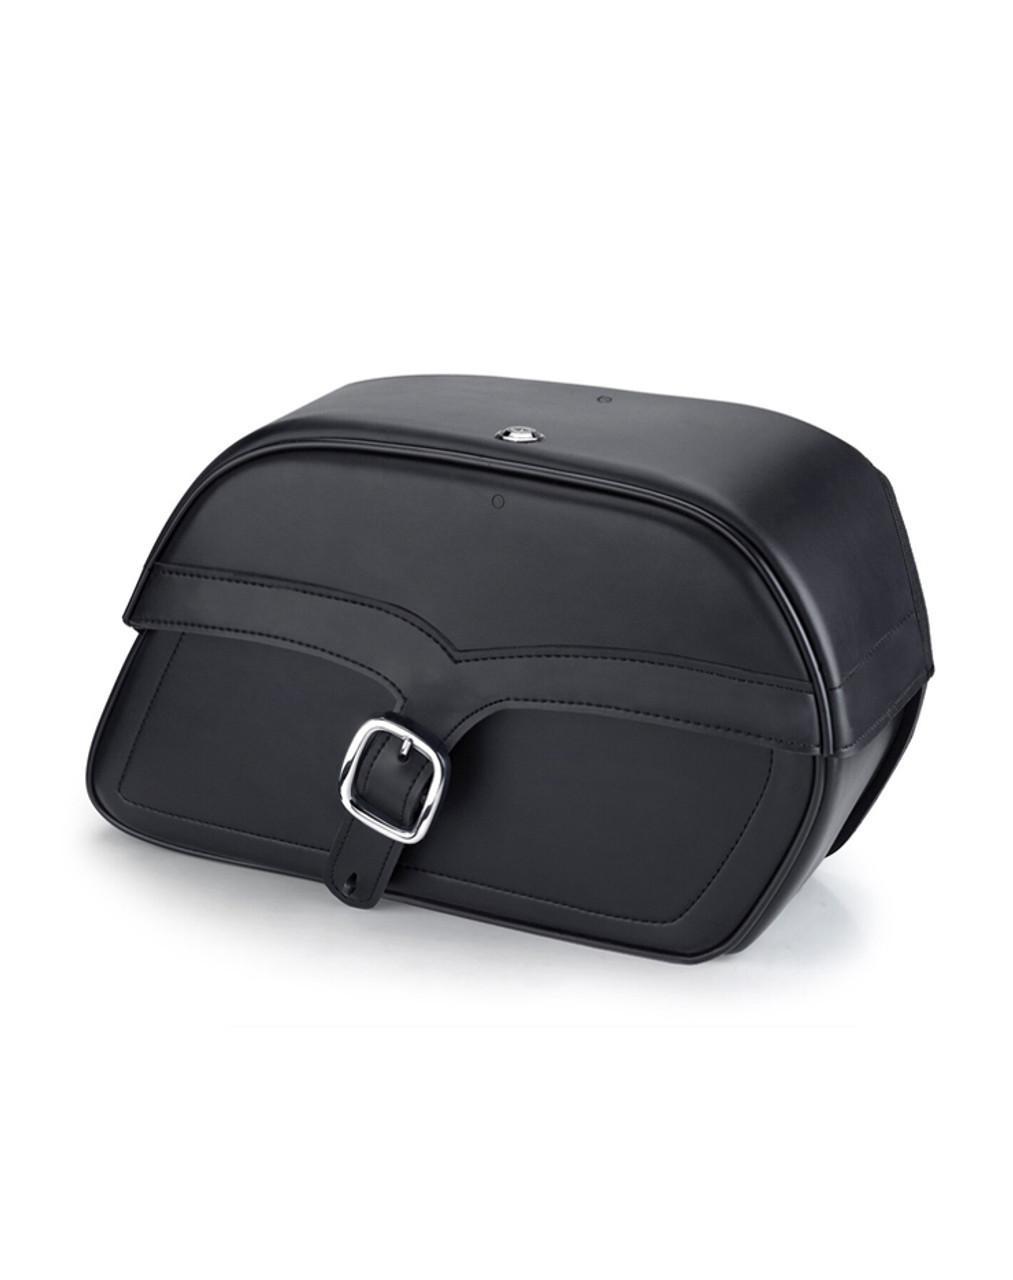 Victory Judge Medium Charger Single Strap Motorcycle Saddlebags Main Bag View